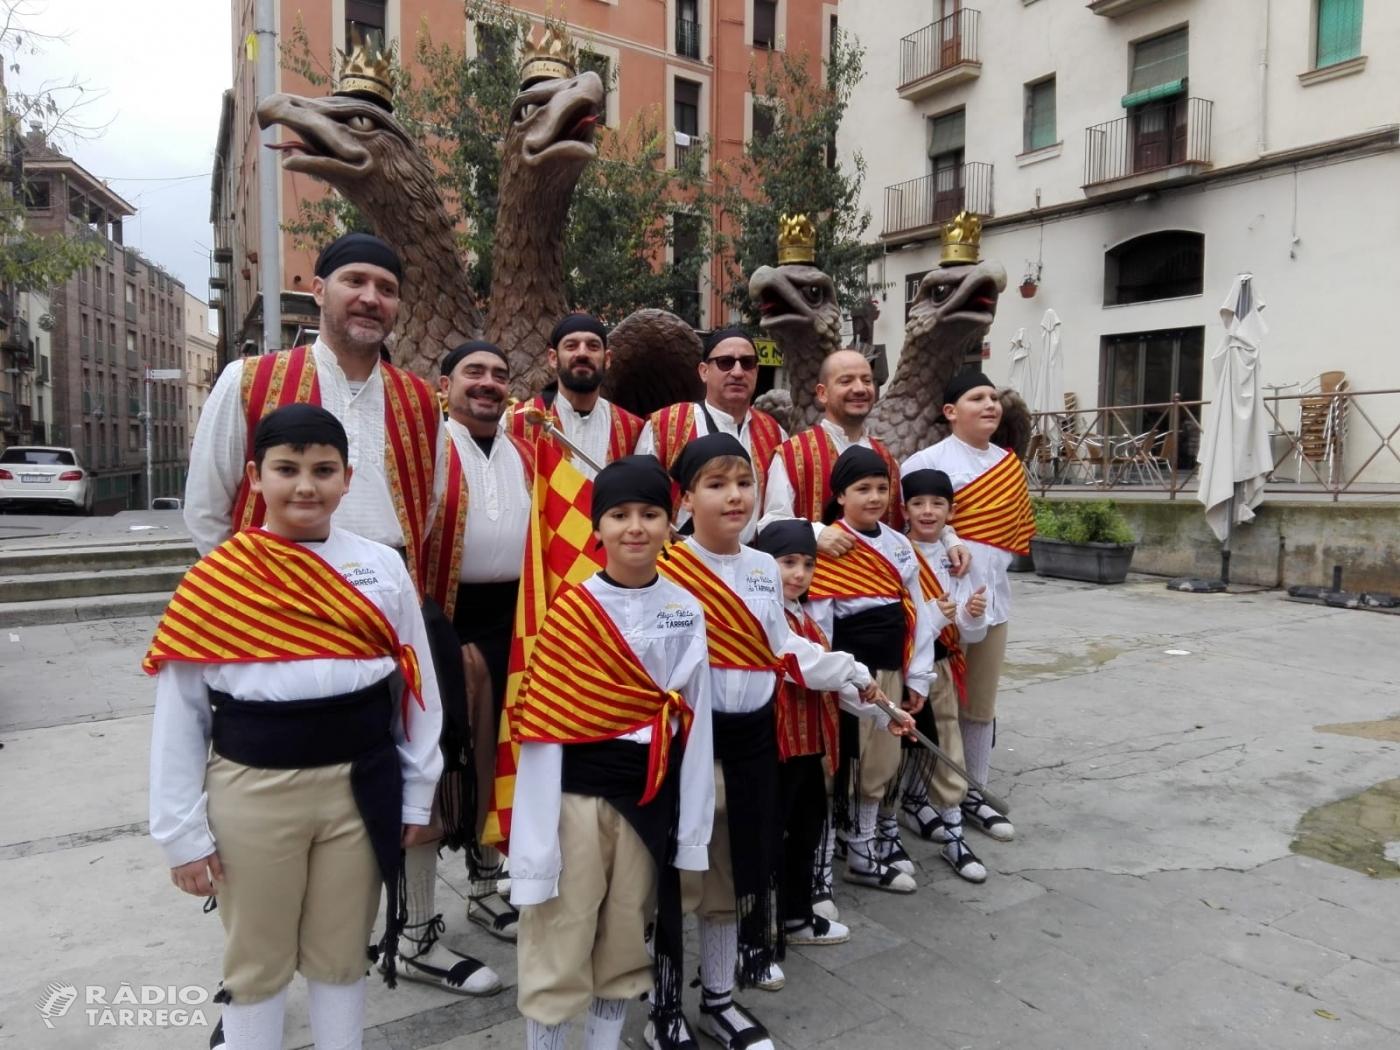 L'Àliga i l'Àliga petita de Tàrrega presents al Festivitas Bestiarium a Manresa